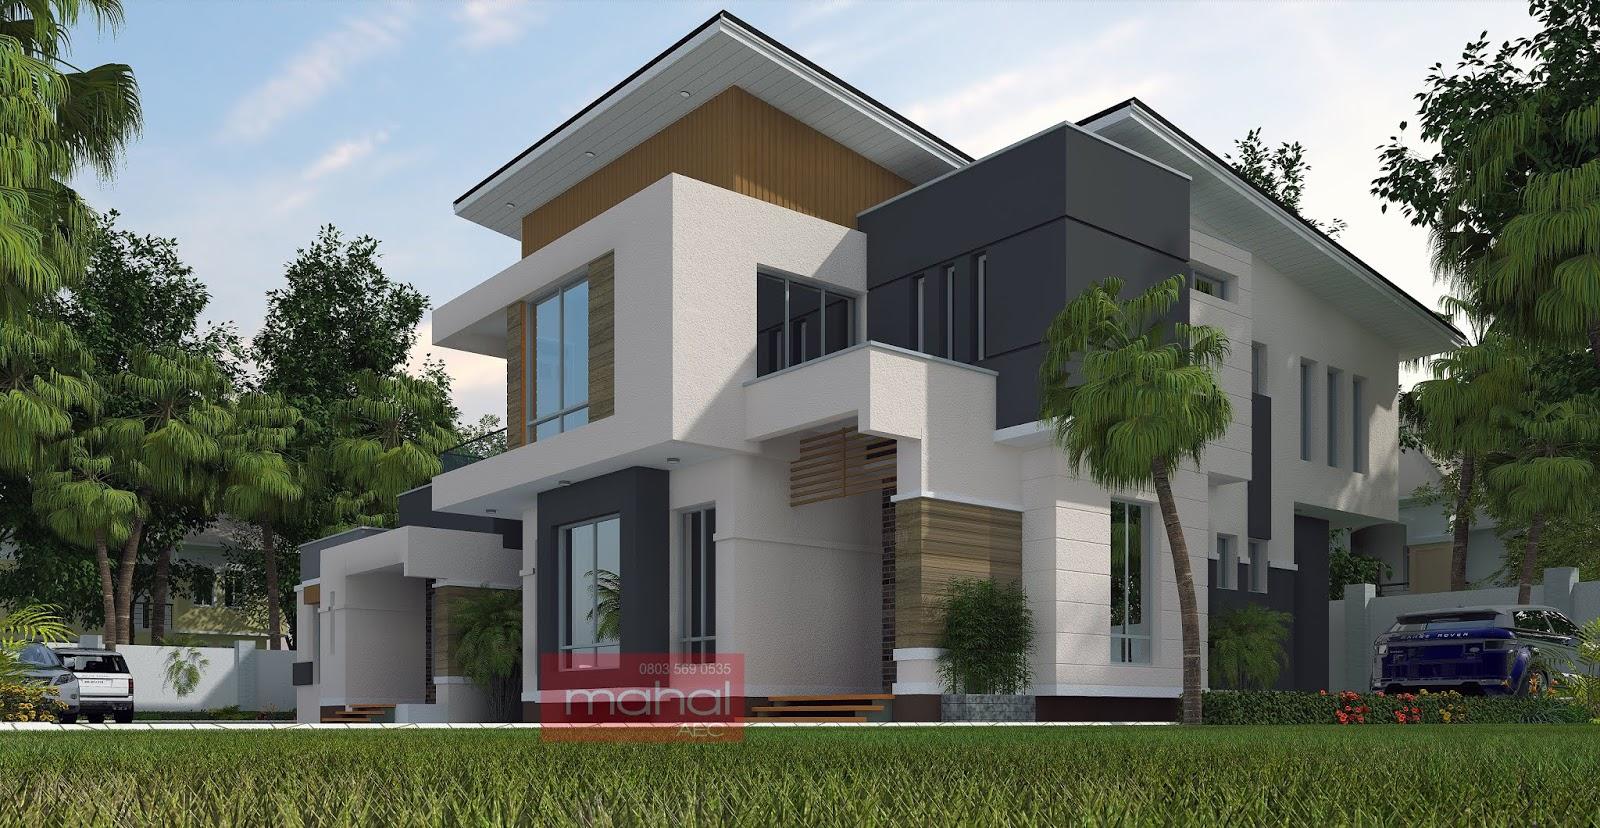 Uruagwu chv 4 bedroom duplex with 2 bedroom bungalow